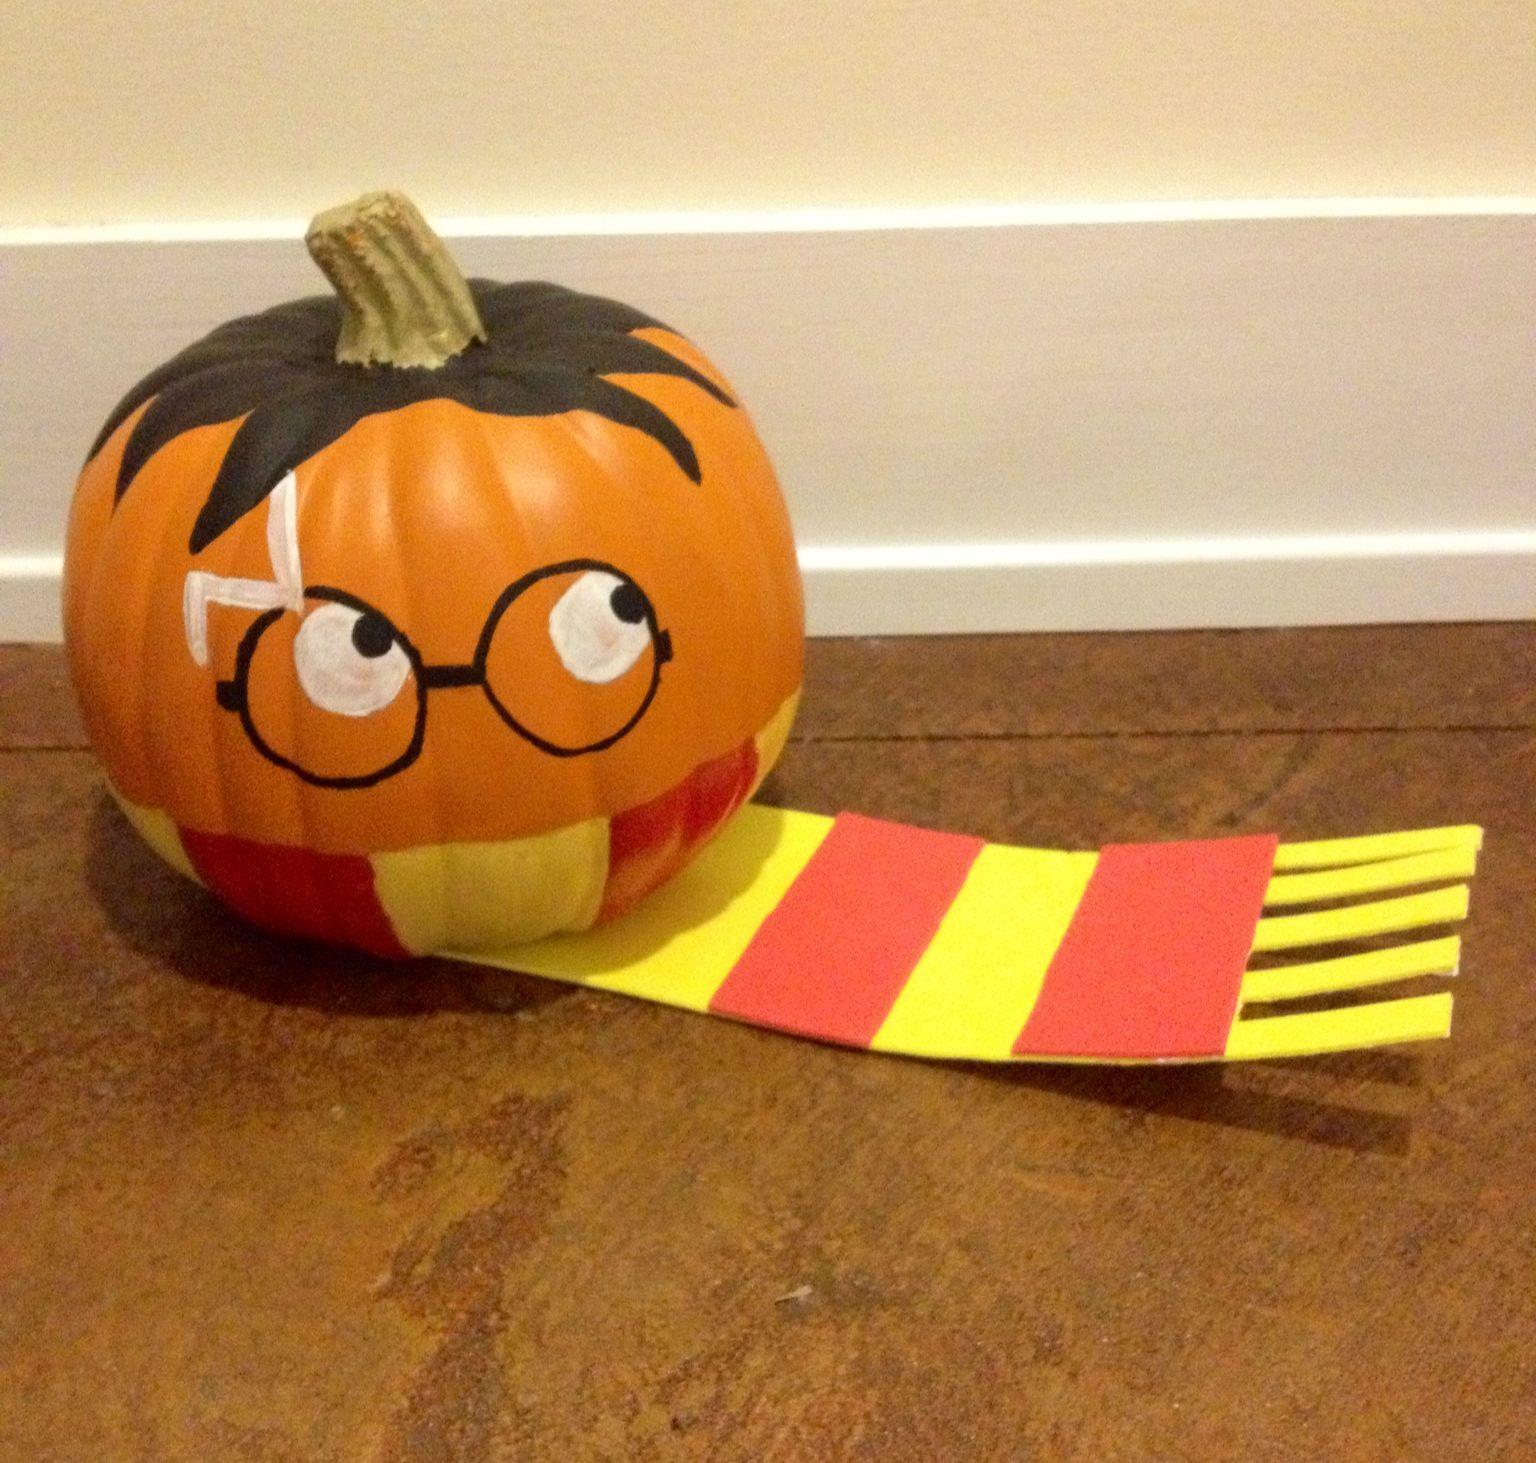 Harry Potter painted pumpkin Harry potter pumpkin, Fall